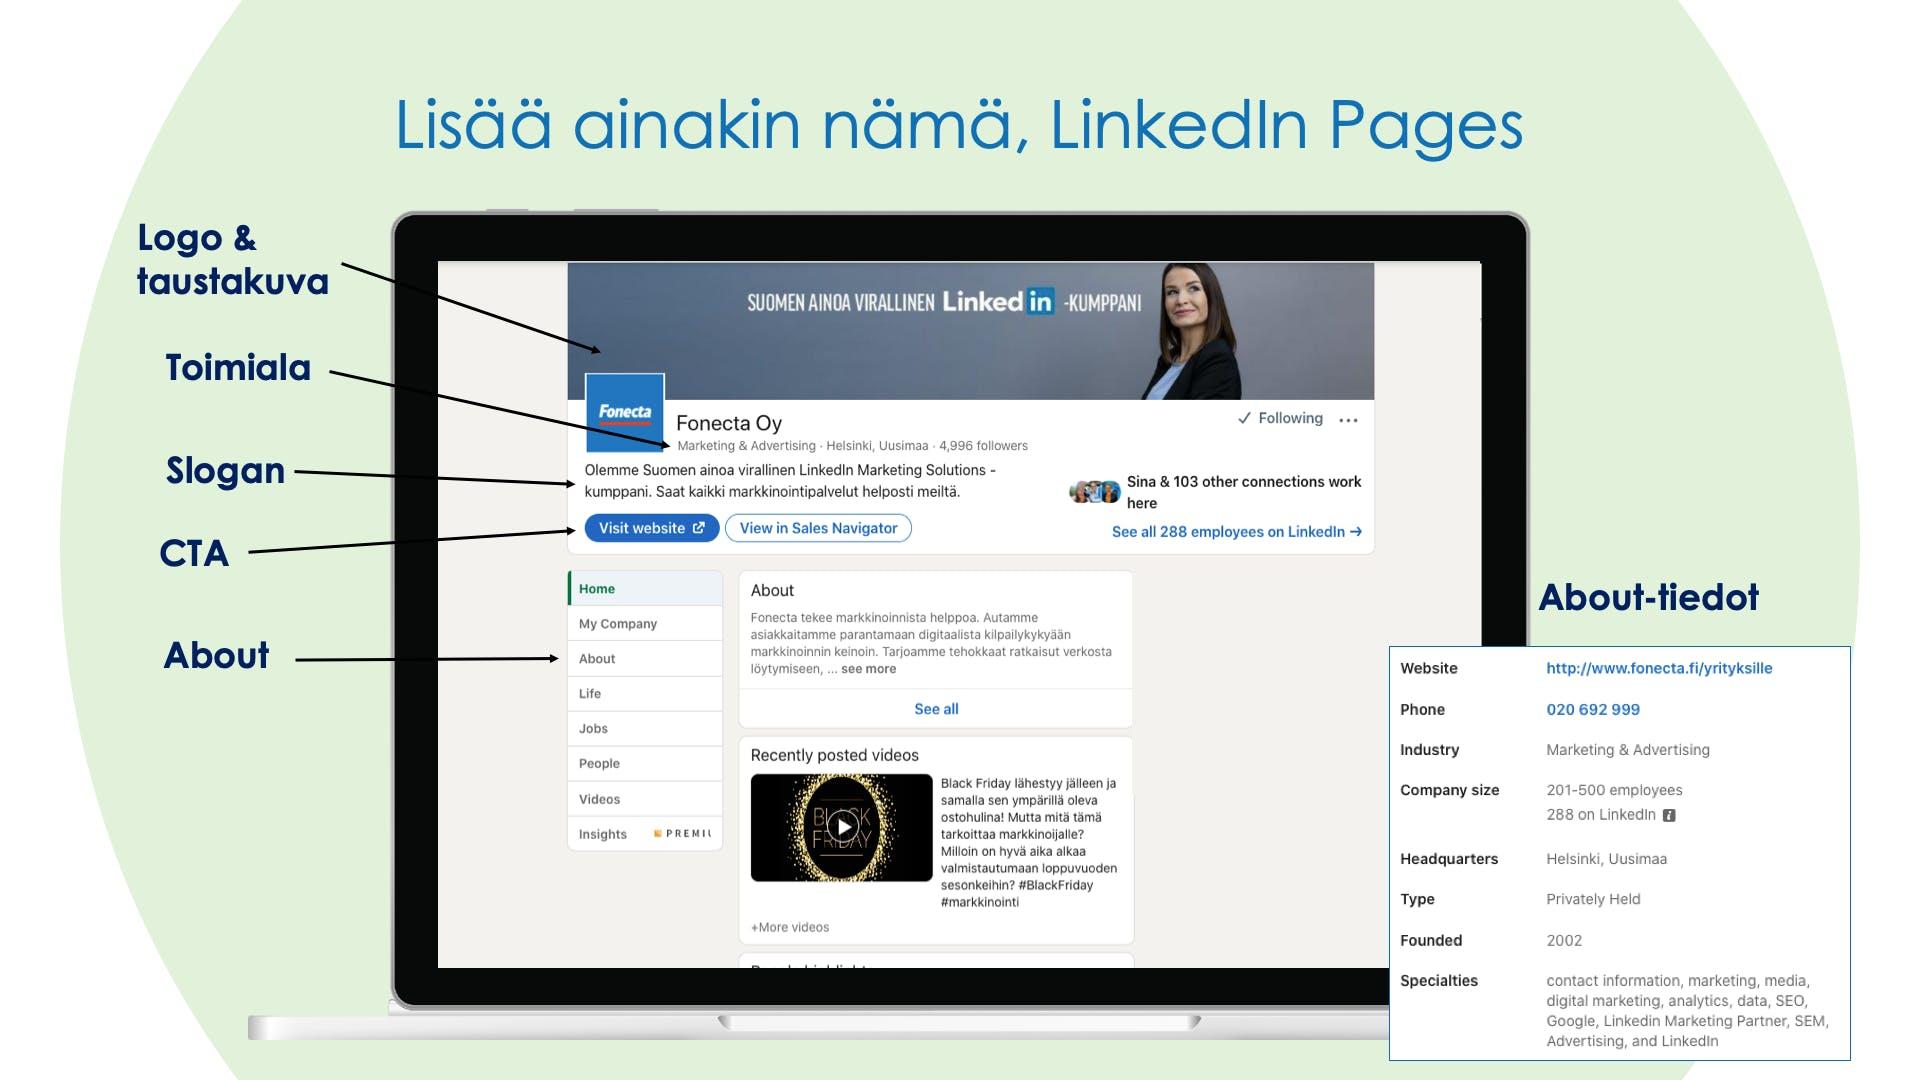 Vinkit LinkedIn yritysprofiiliin - millainen on hyvä LinkedIn yritysprofiili?